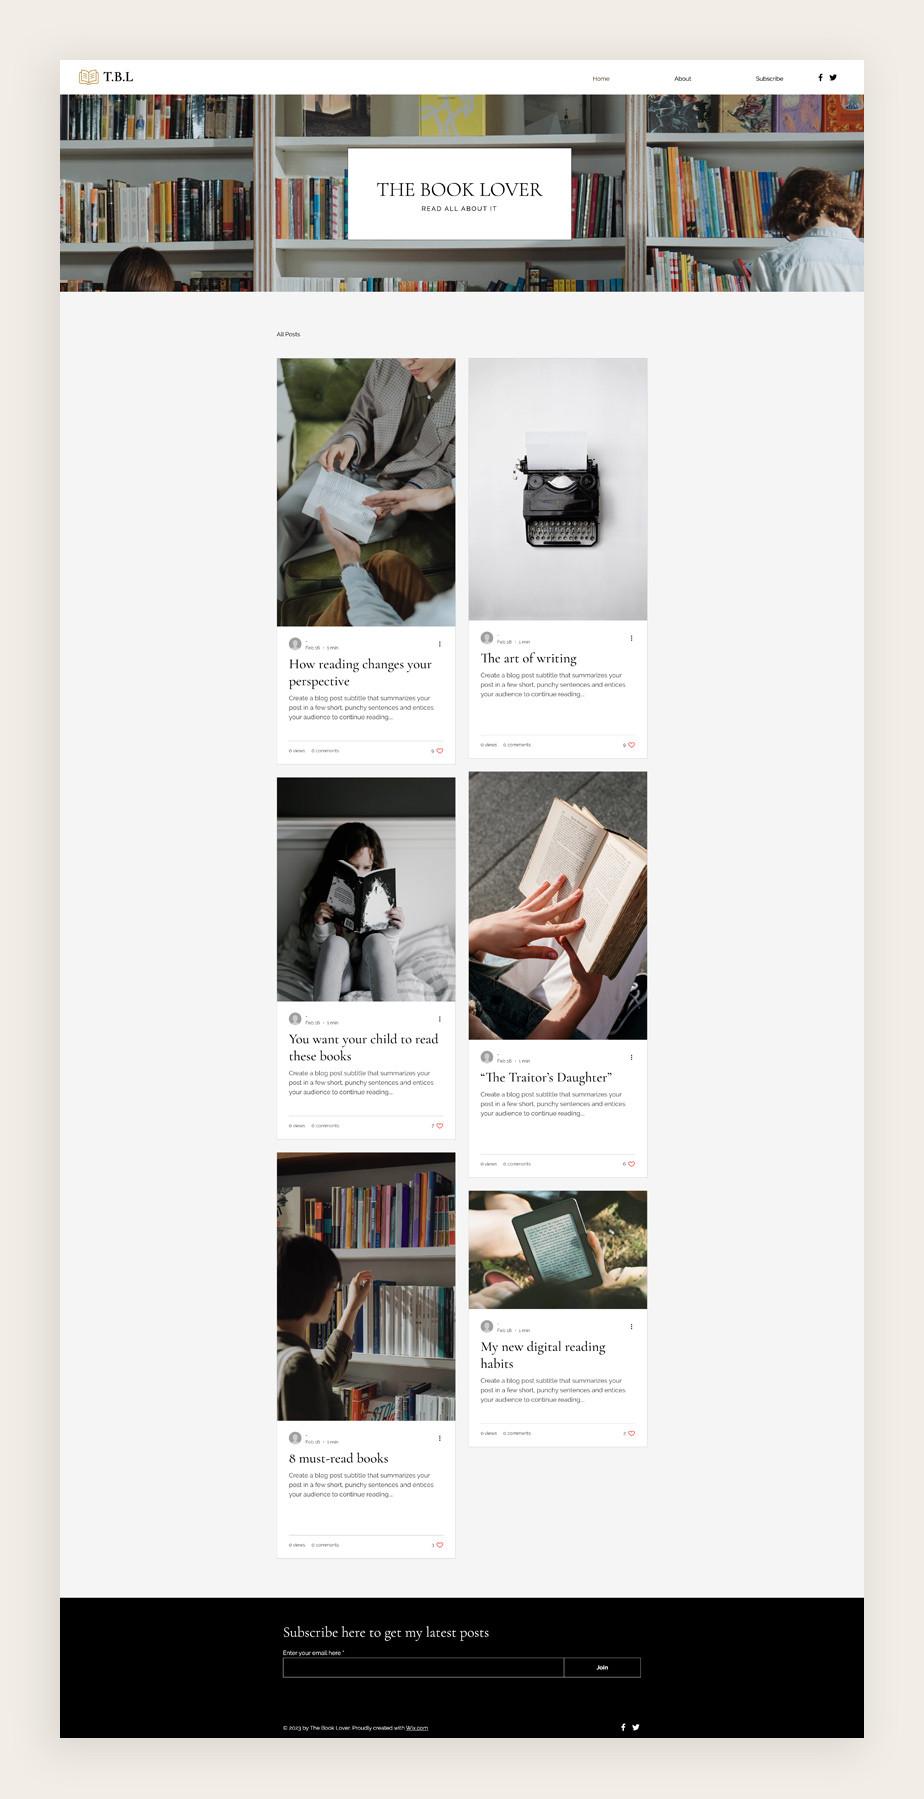 문학 블로그 템플릿에 사용된 정돈된 책꽃이와 책을 읽는 사람의 모습